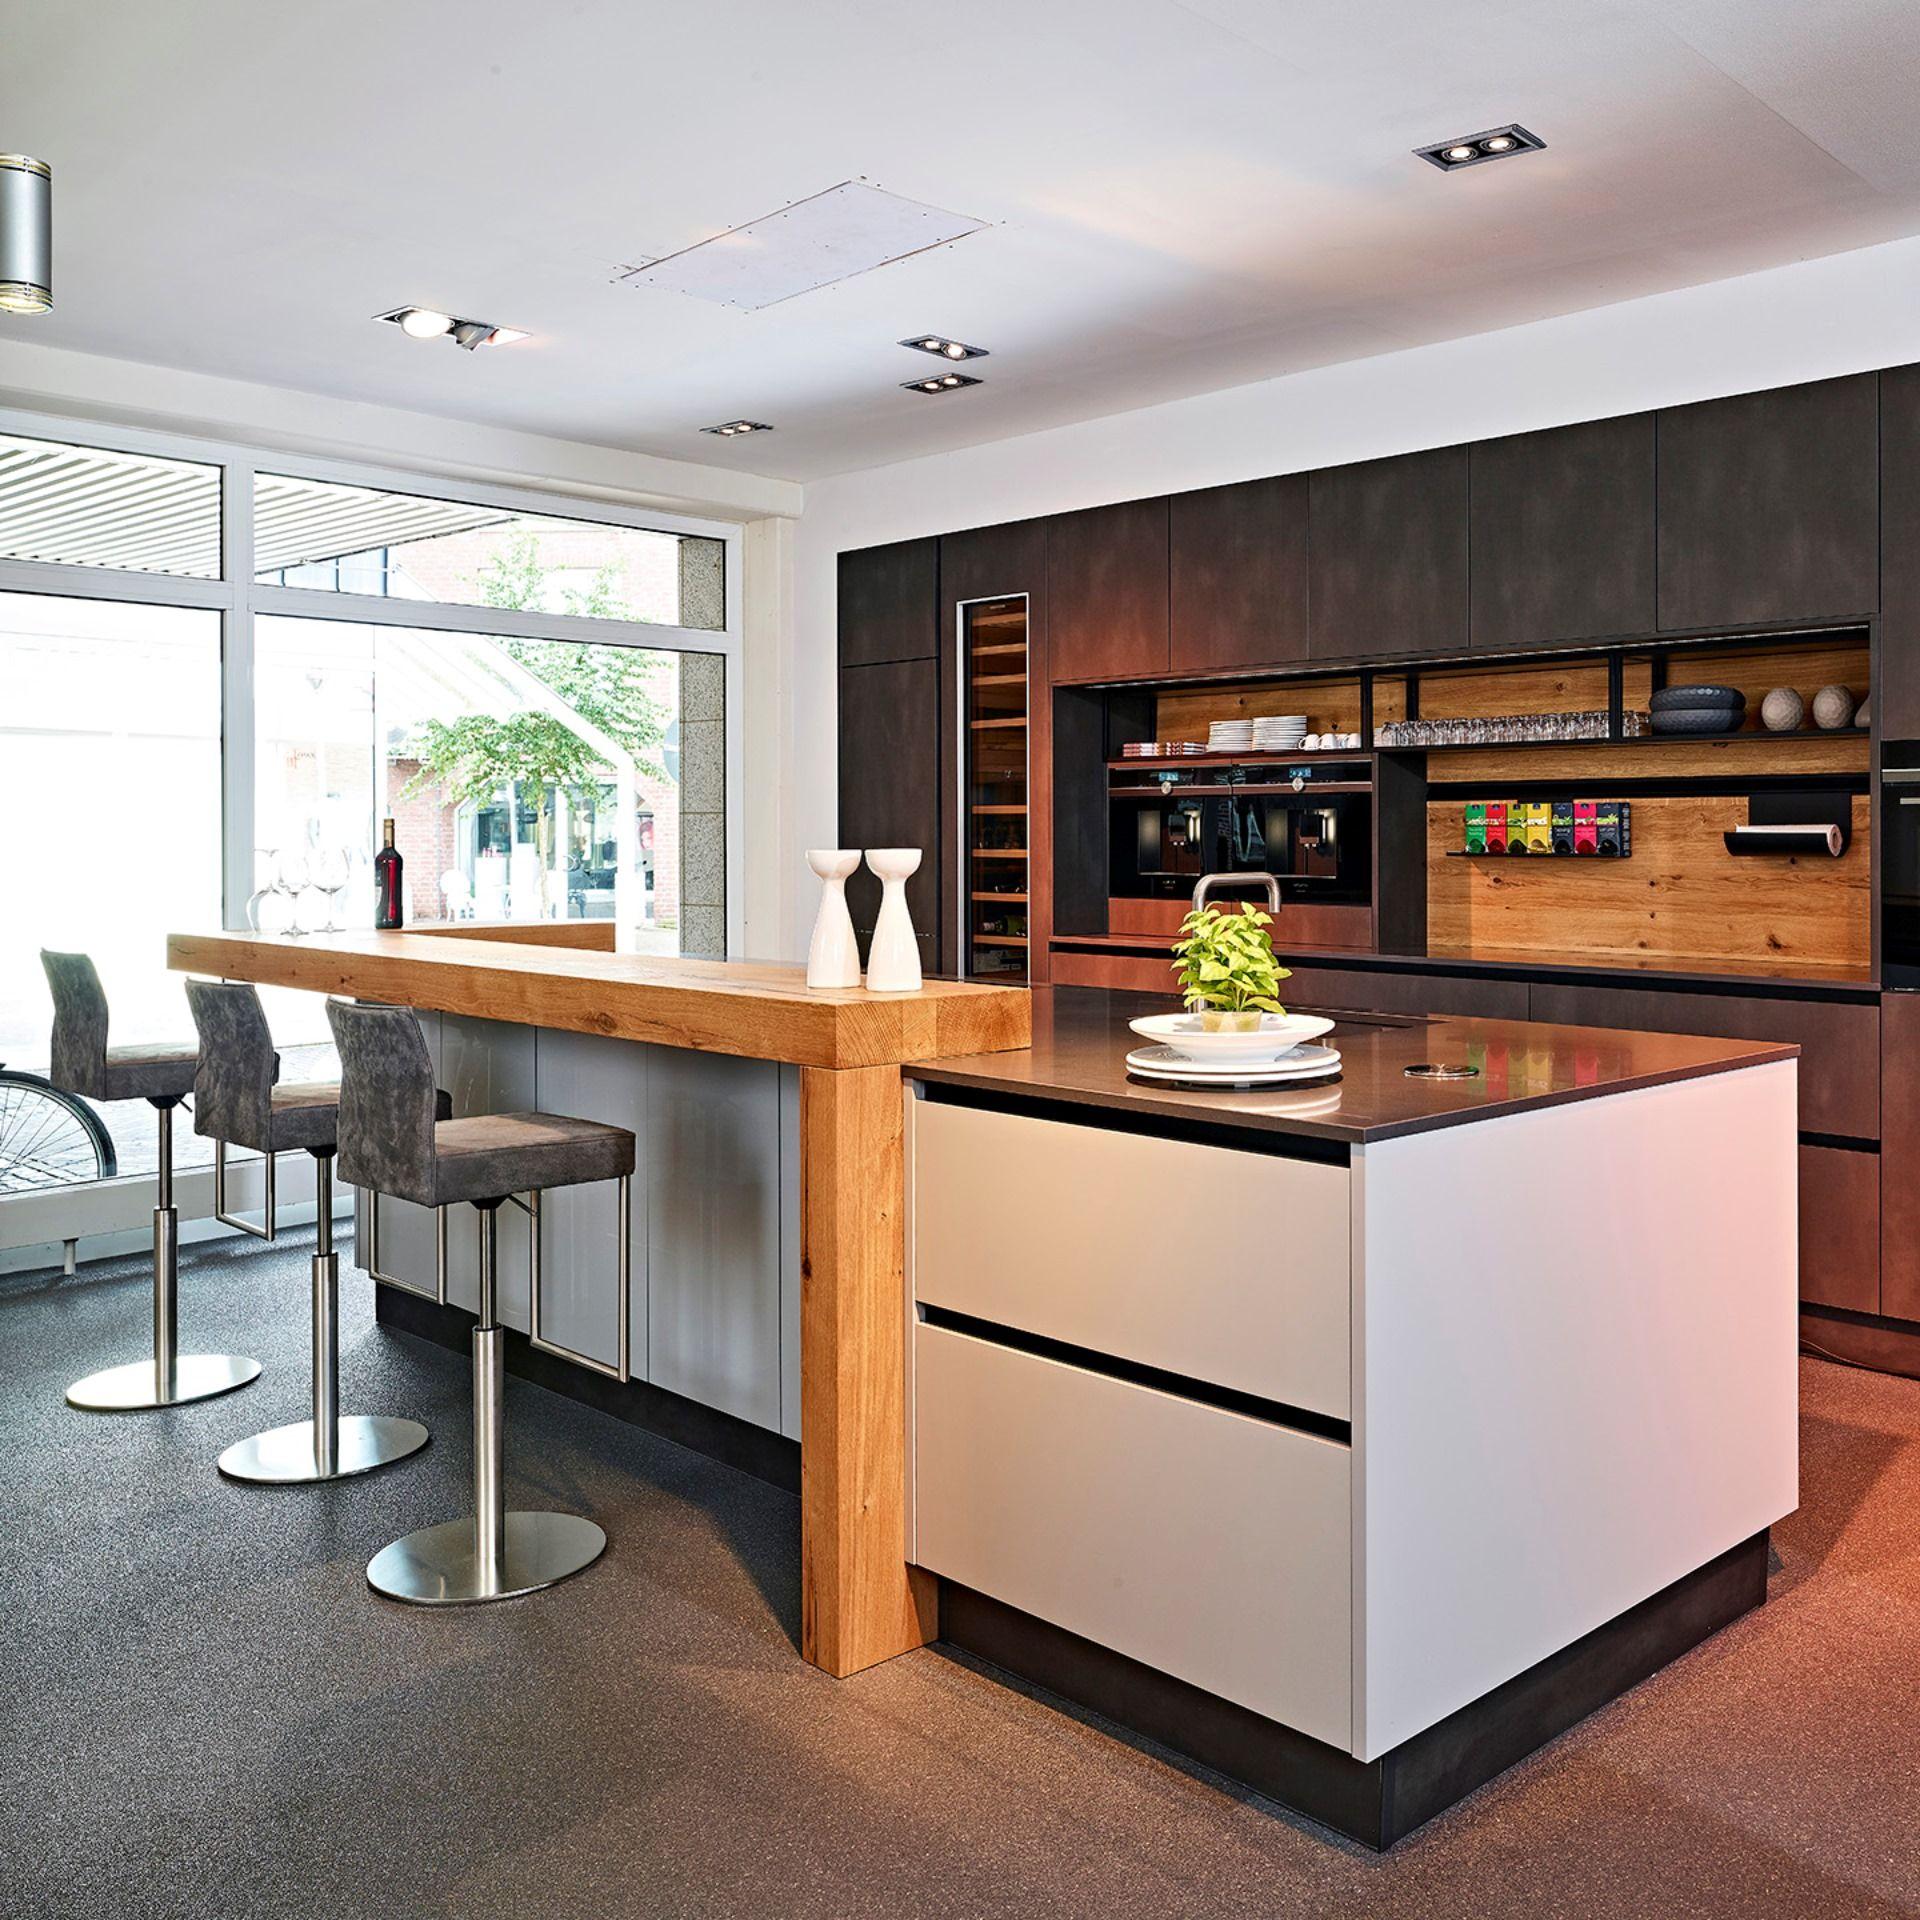 Contur Inselküche  Inselküche, Haus küchen, Landhausküche